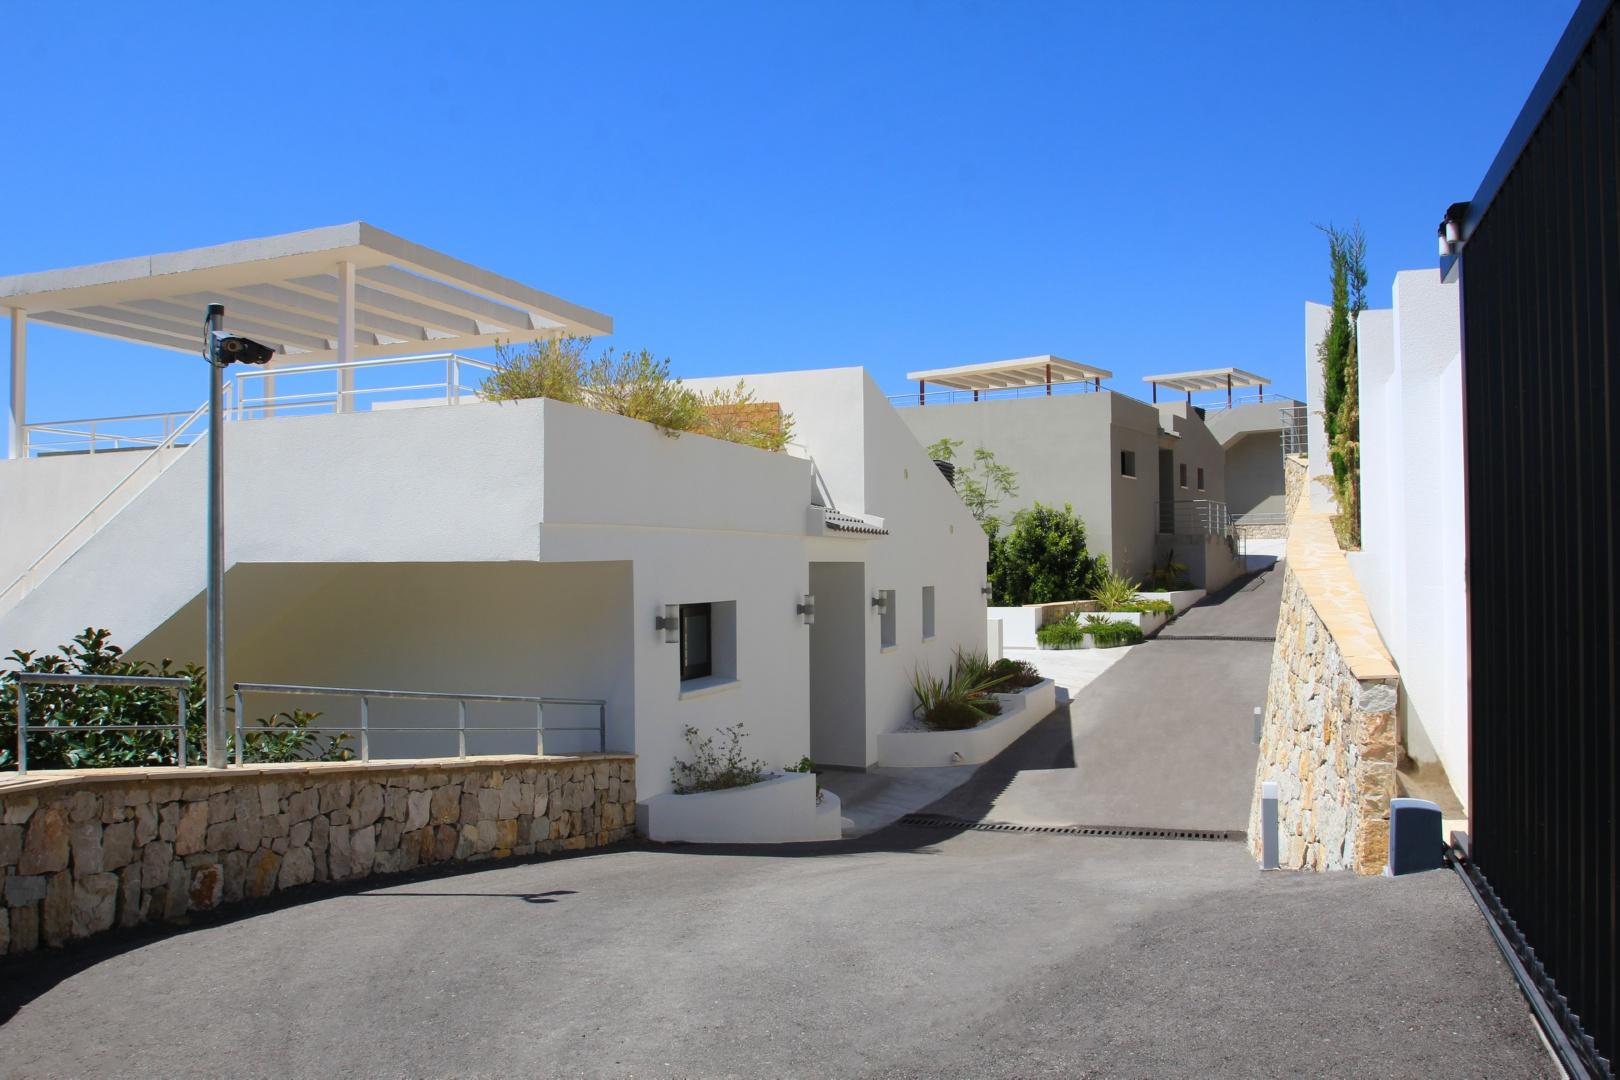 El valor de los bienes raíces en España junto al mar es barato